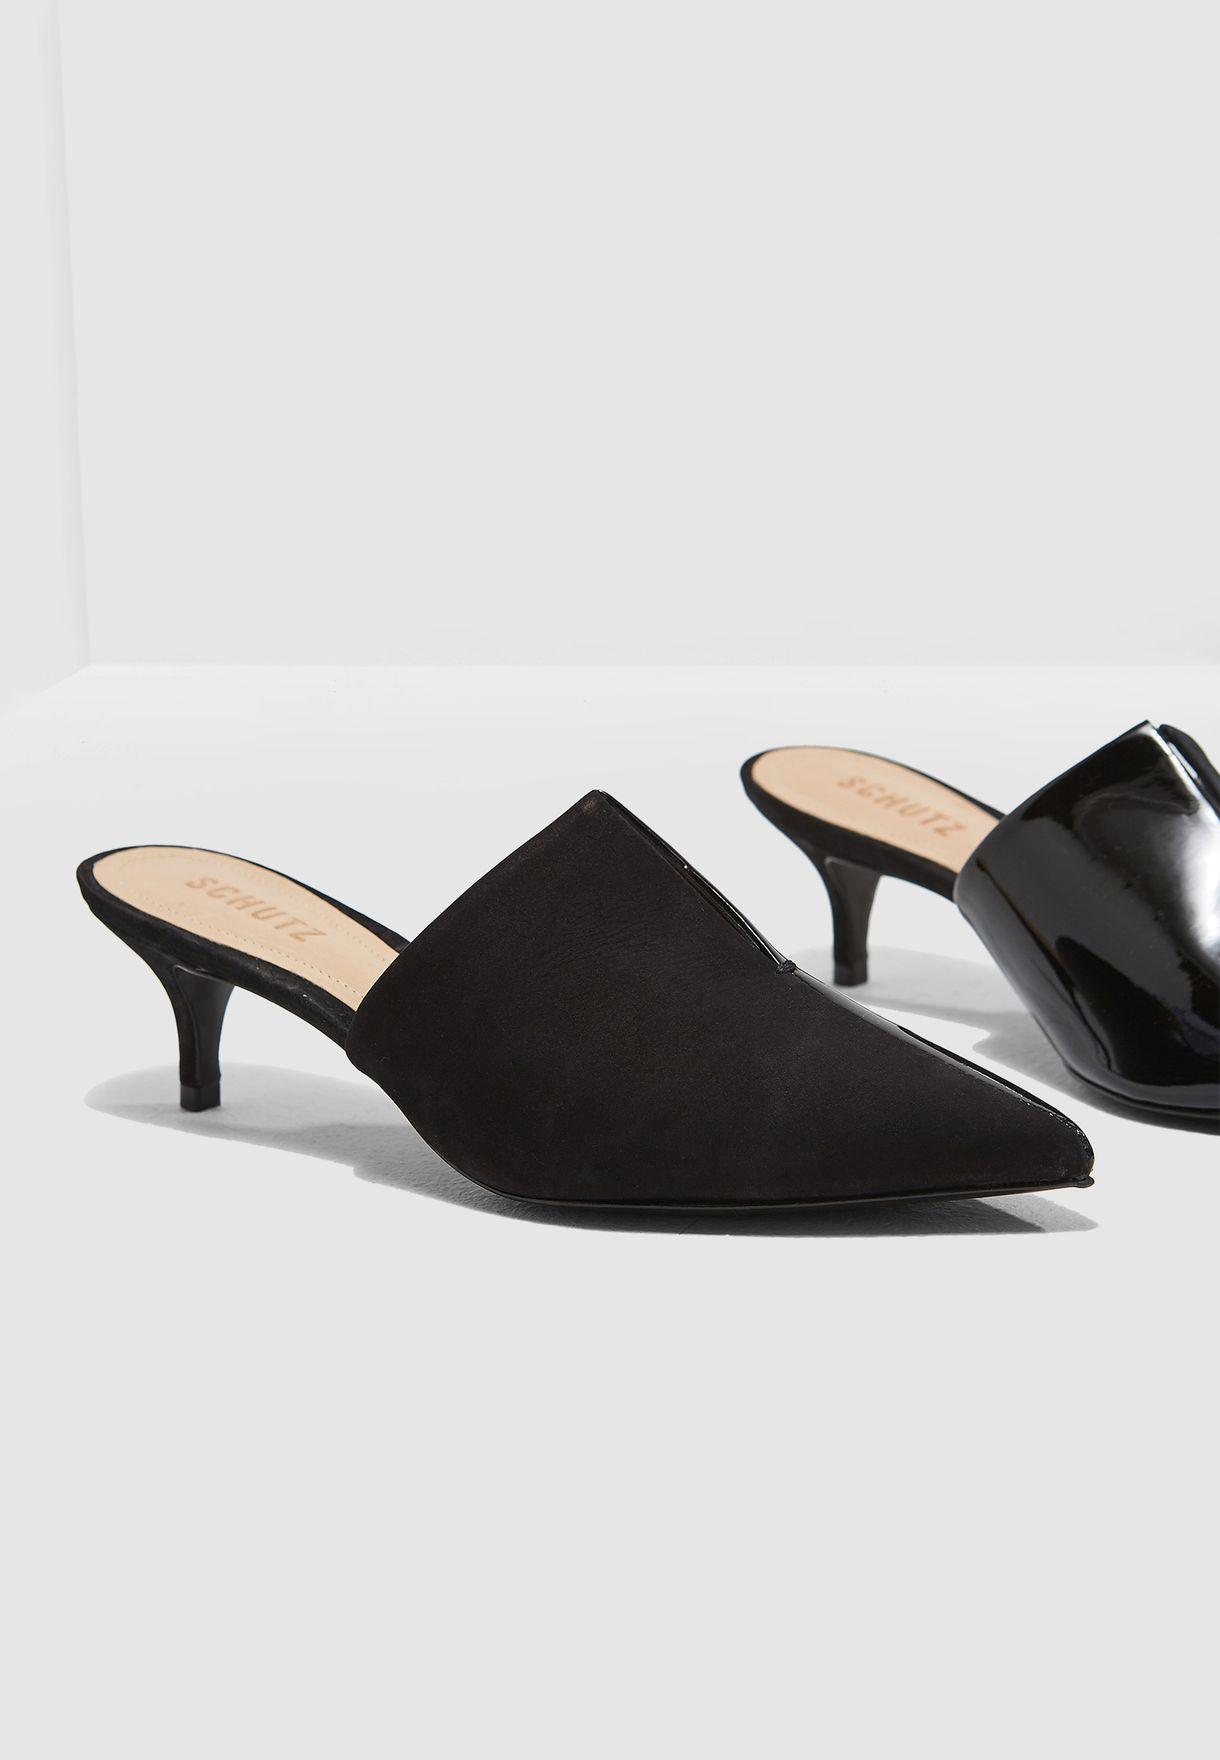 b2926e82ee Shop Schutz black Two Toned Kitten Heel Pump S0175201500001 for Women in  UAE - SC771SH08JCH